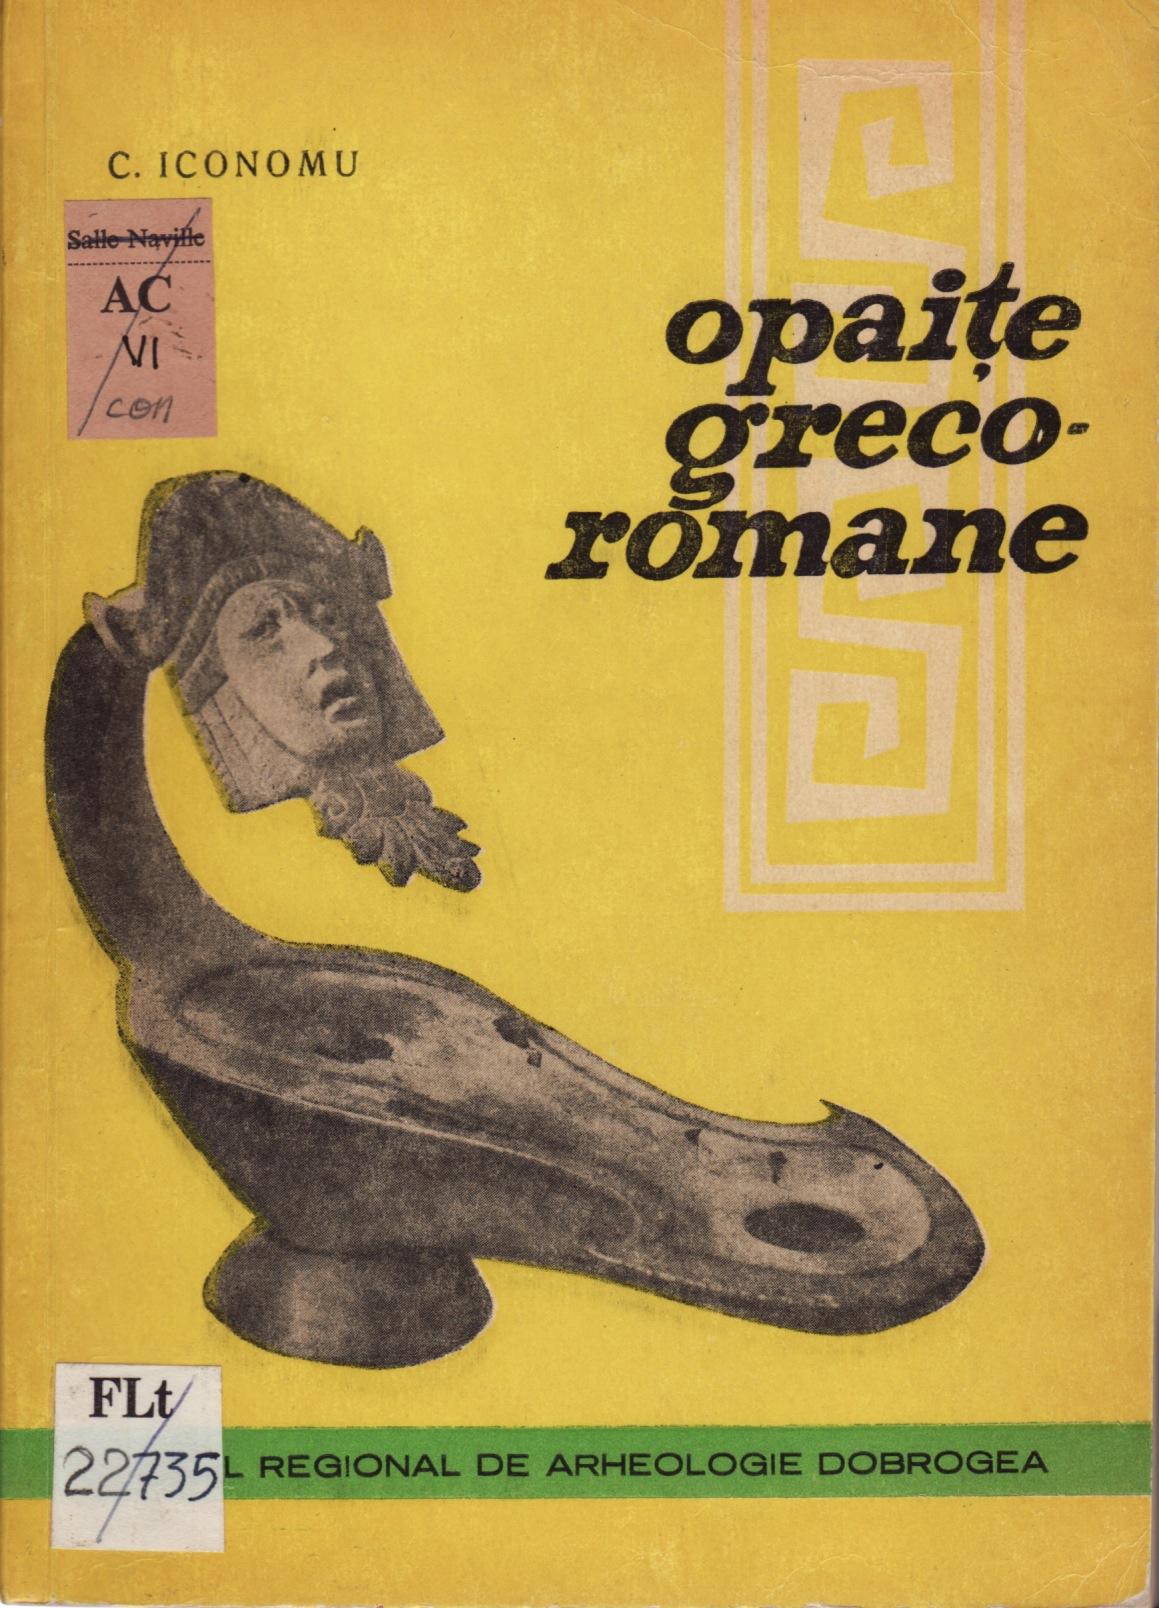 iconomu 1967